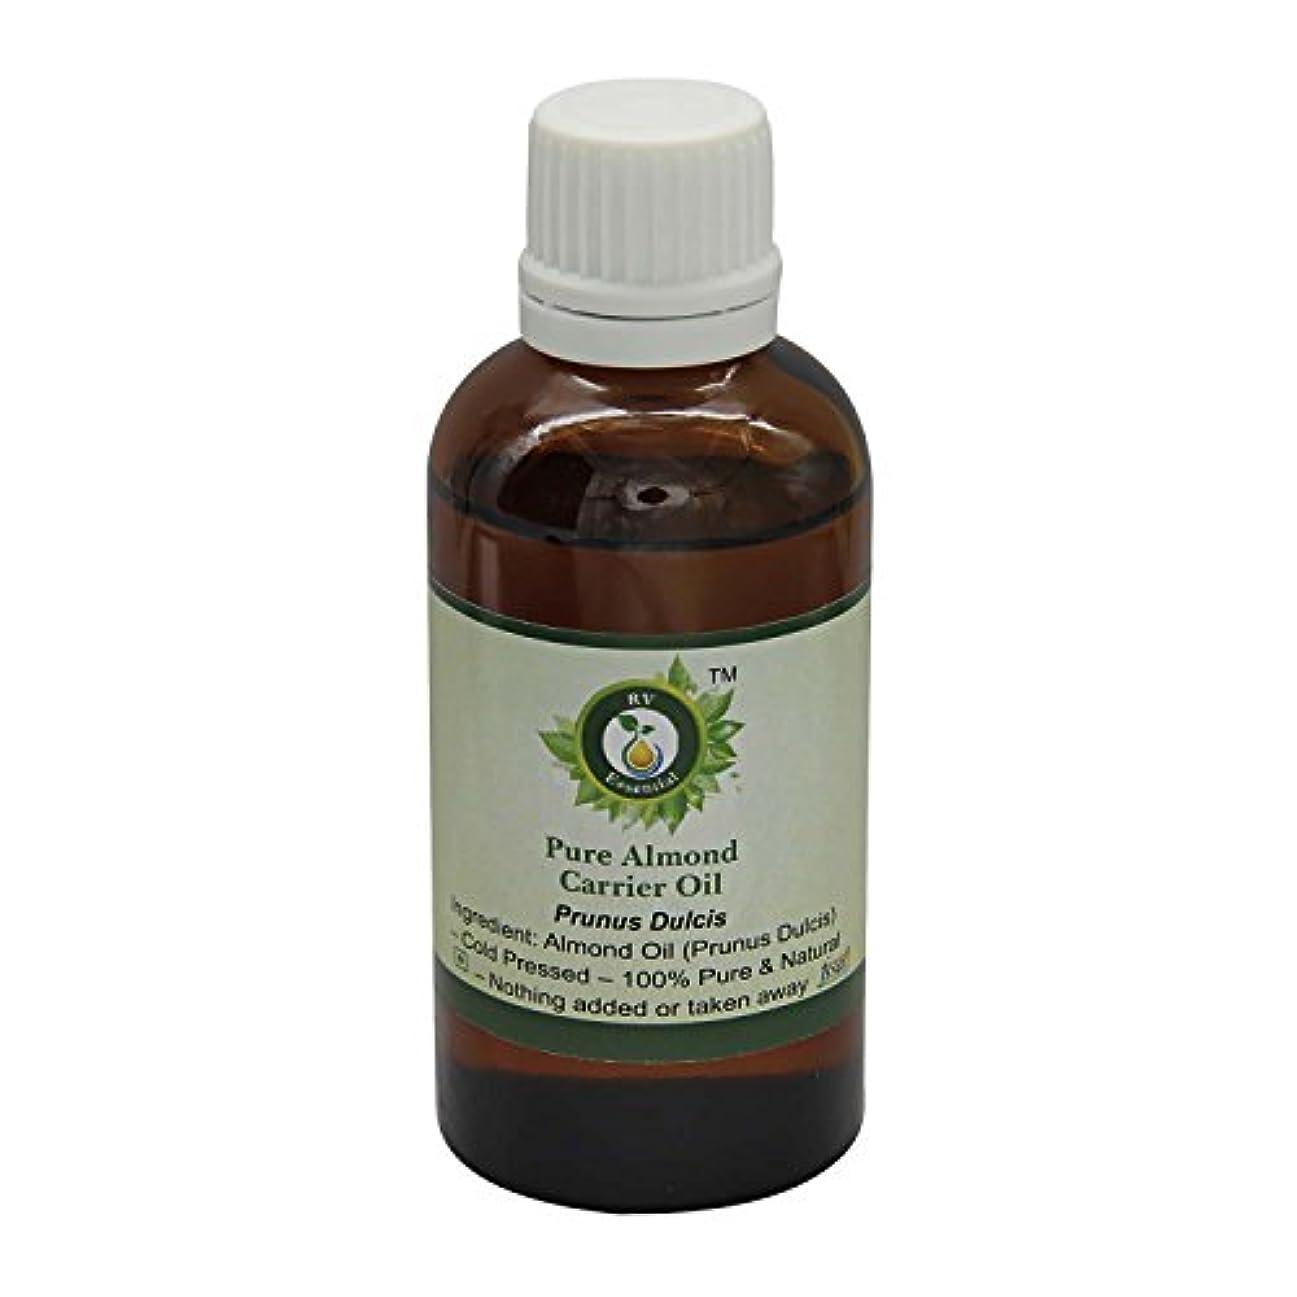 住人あざ地下R V Essential 純粋なアーモンドキャリアオイル50ml (1.69oz)- Prunus Dulcis (100%ピュア&ナチュラルコールドPressed) Pure Almond Carrier Oil